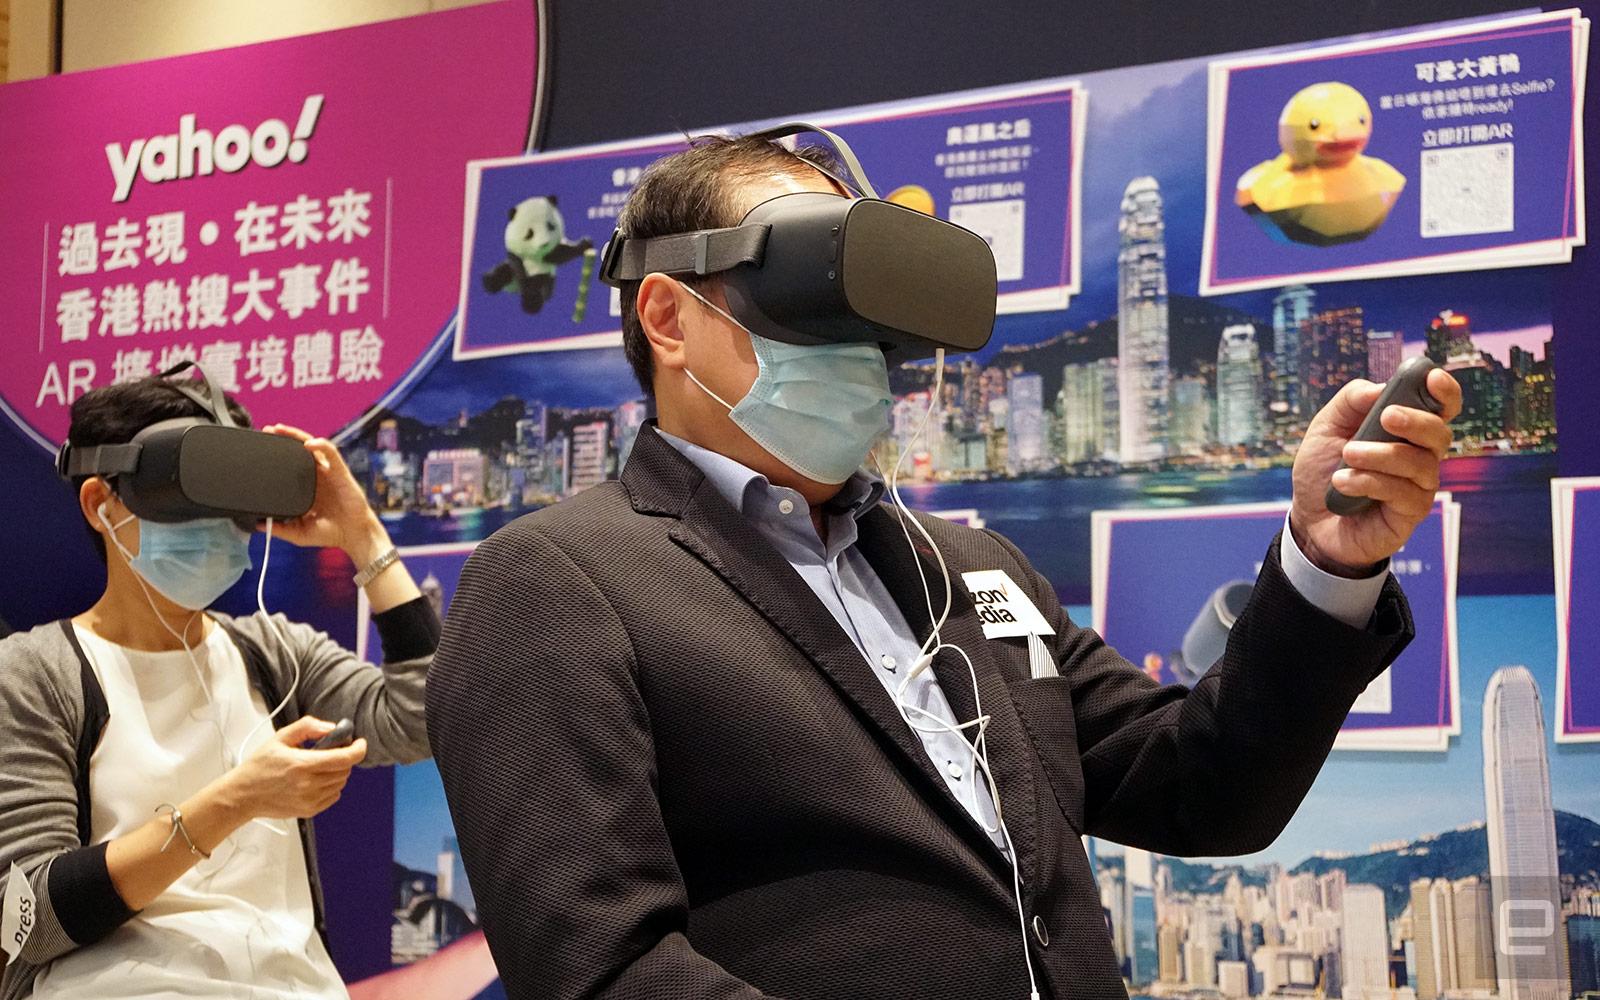 Verizon Media Co-head of APAC Rico Chan using a Pico G2 4K VR headset to visit an Engage virtual venue.